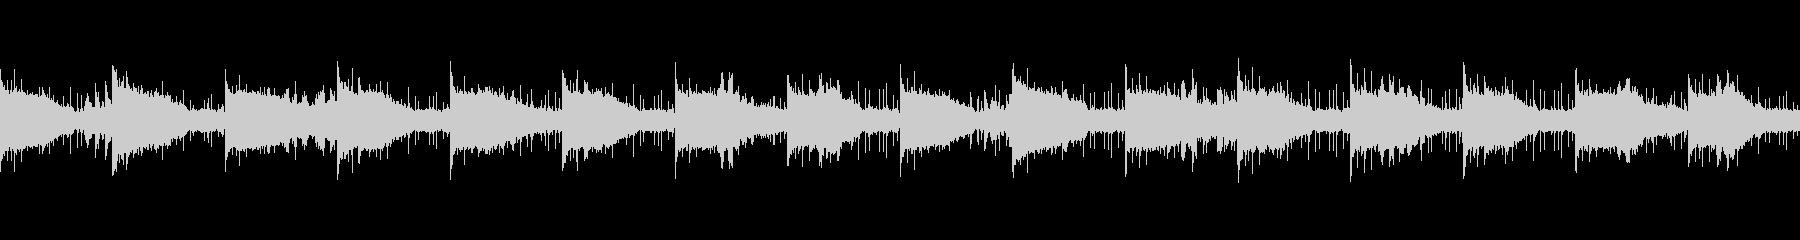 [切ない]ドラマティックなループ音源の未再生の波形